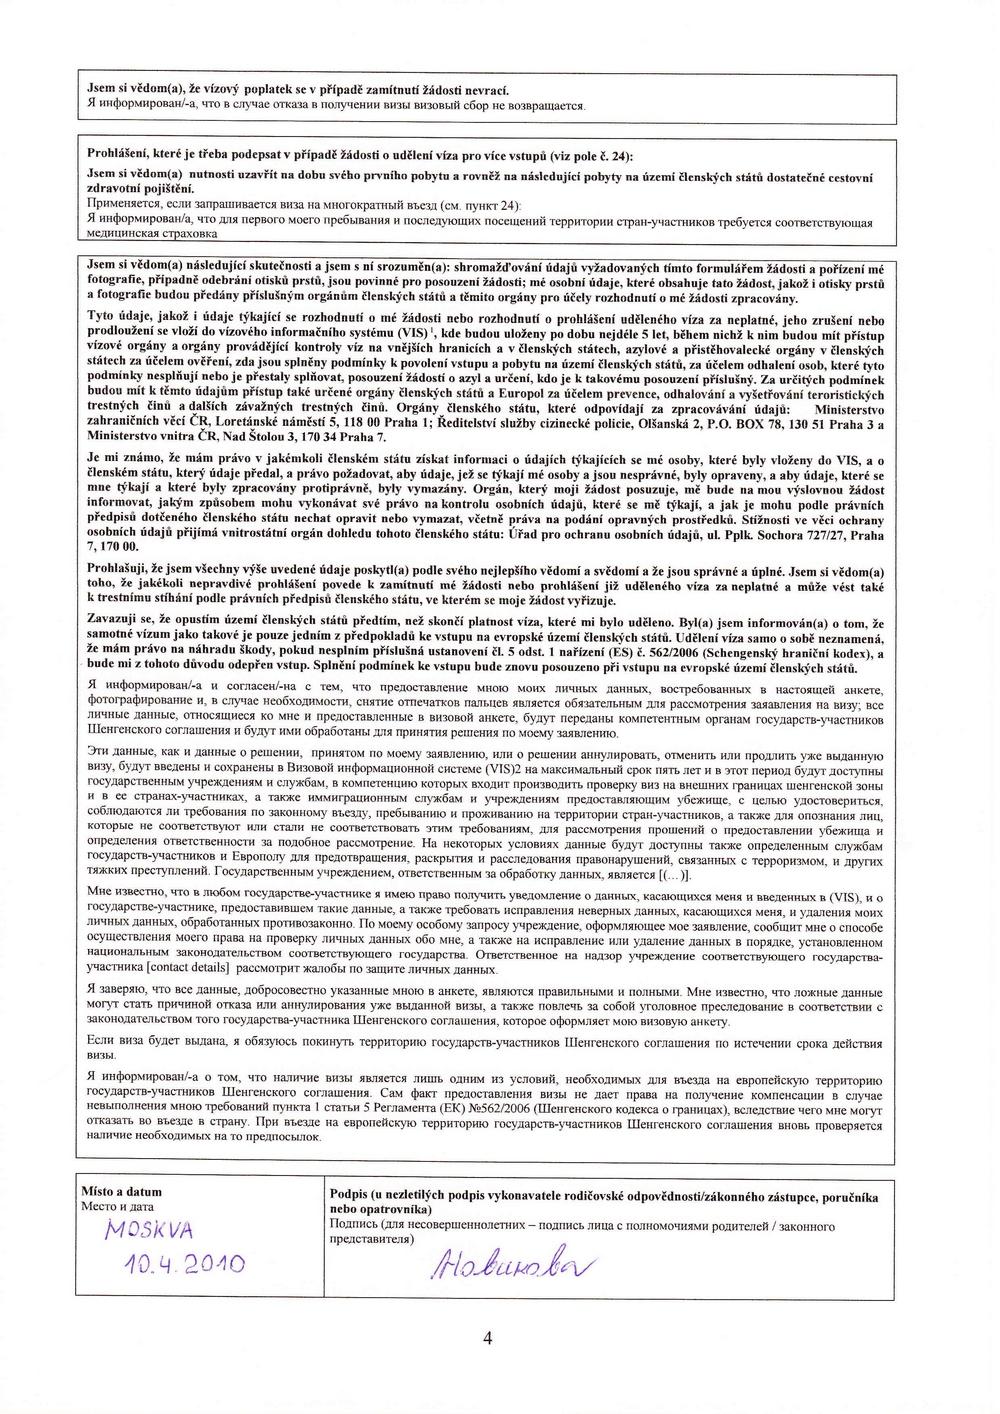 Образец заполнения анкеты на визу в Чехию, страница 4